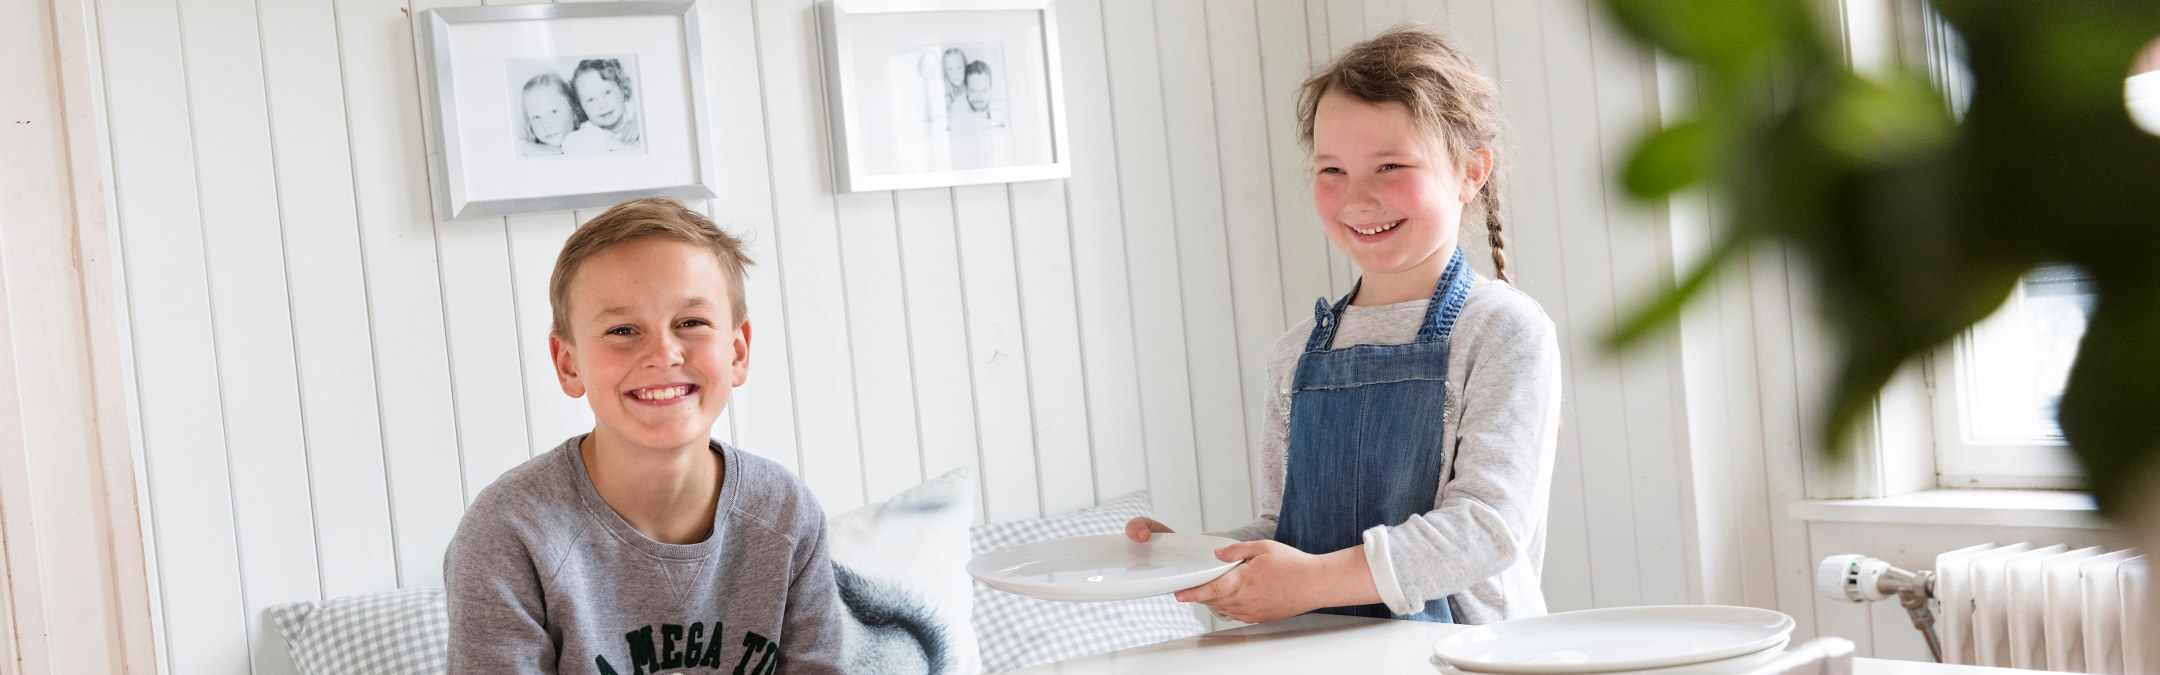 En gutt og en jente på et kjøkken